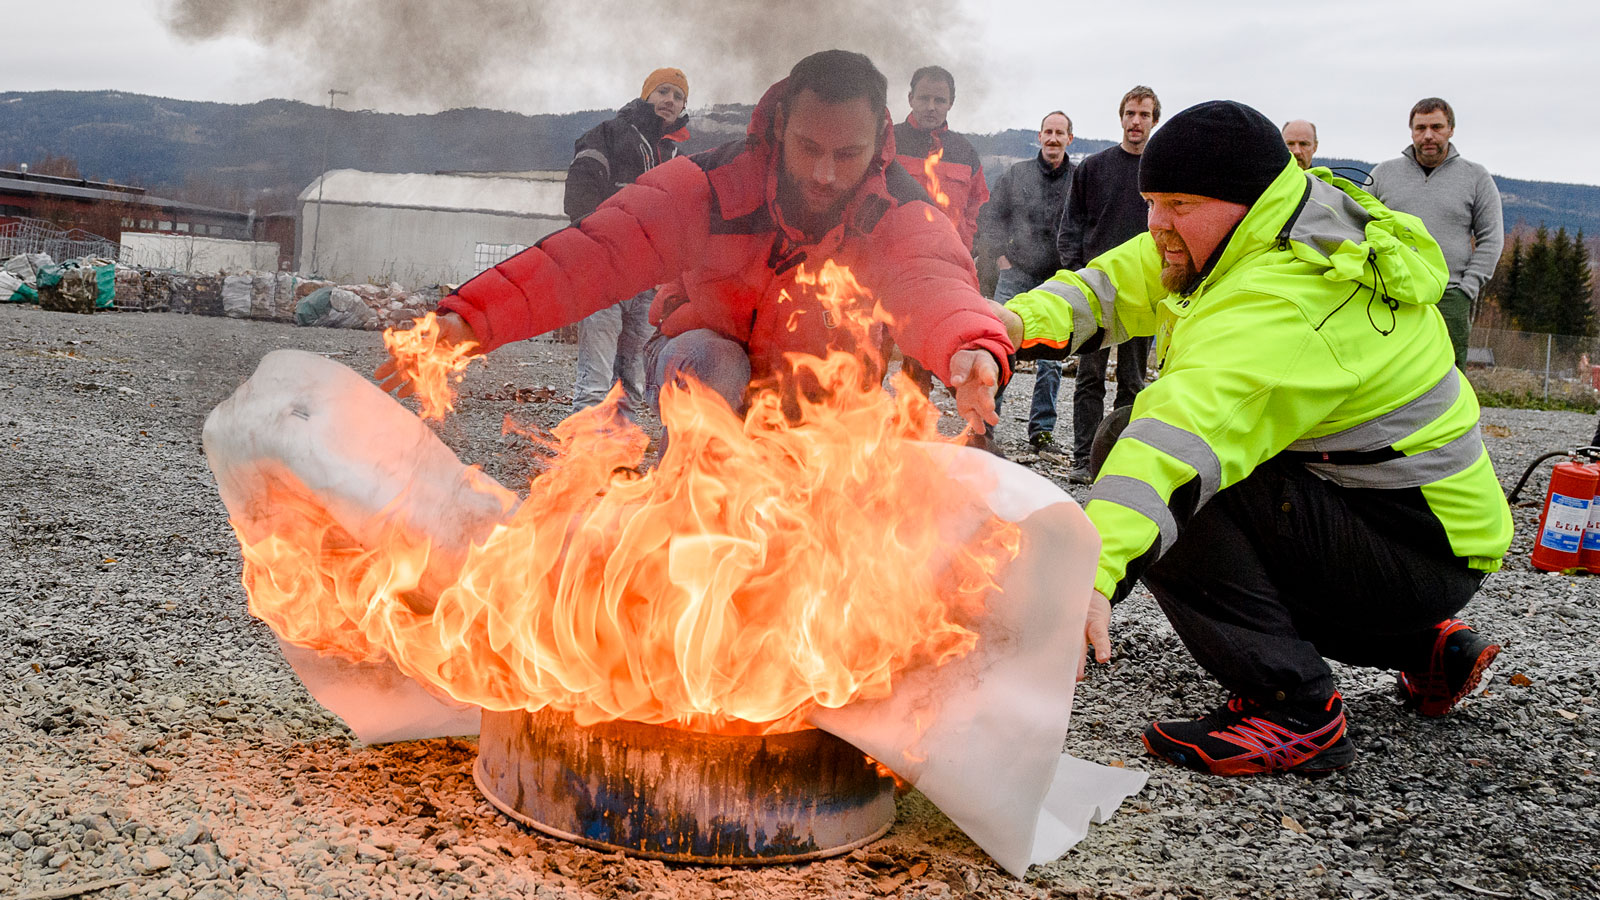 Trening i slukking av brann med brannteppe, under kurs i varme arbeider